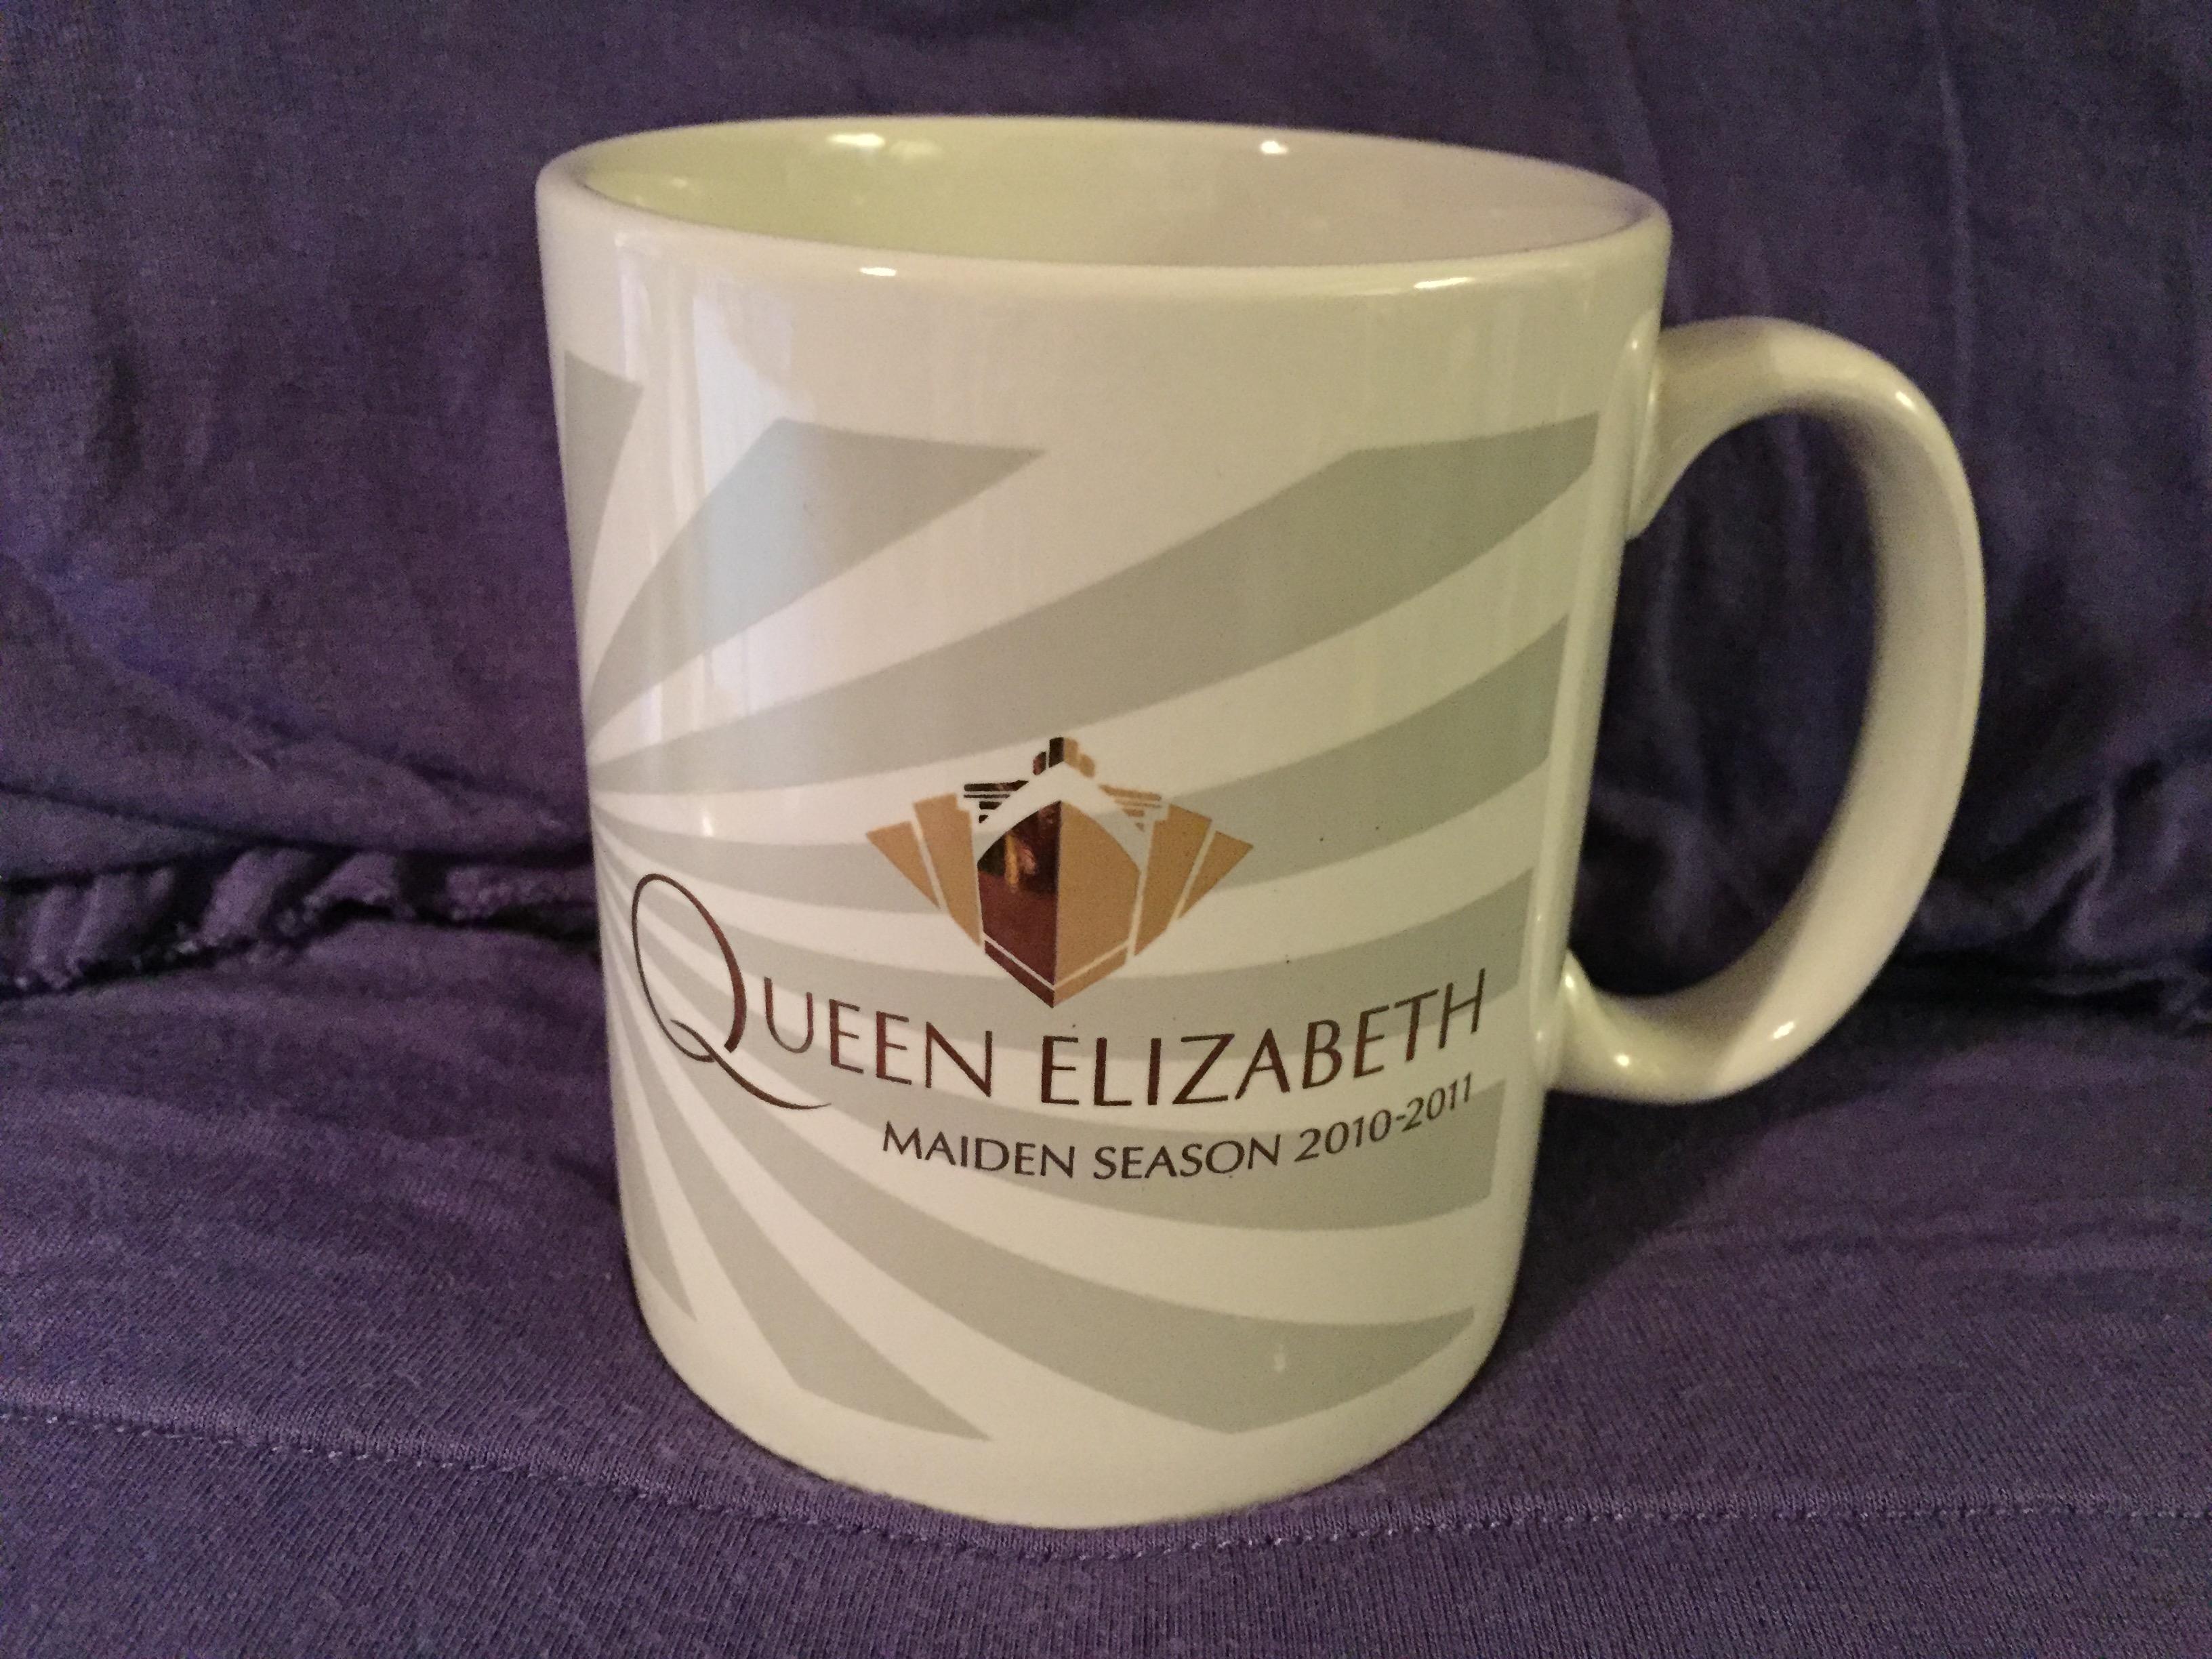 SOUVENIR MUG FROM THE MAIDEN SEASON OF THE NEW QUEEN ELIZABETH